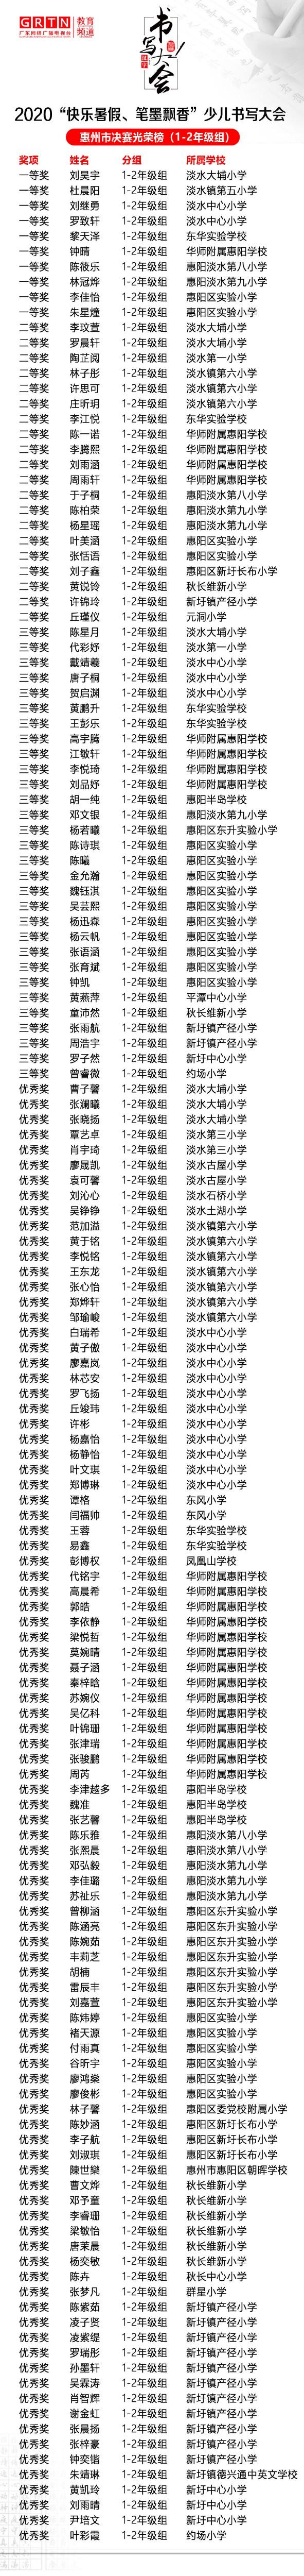 惠州1-2年级市赛光荣榜.jpg